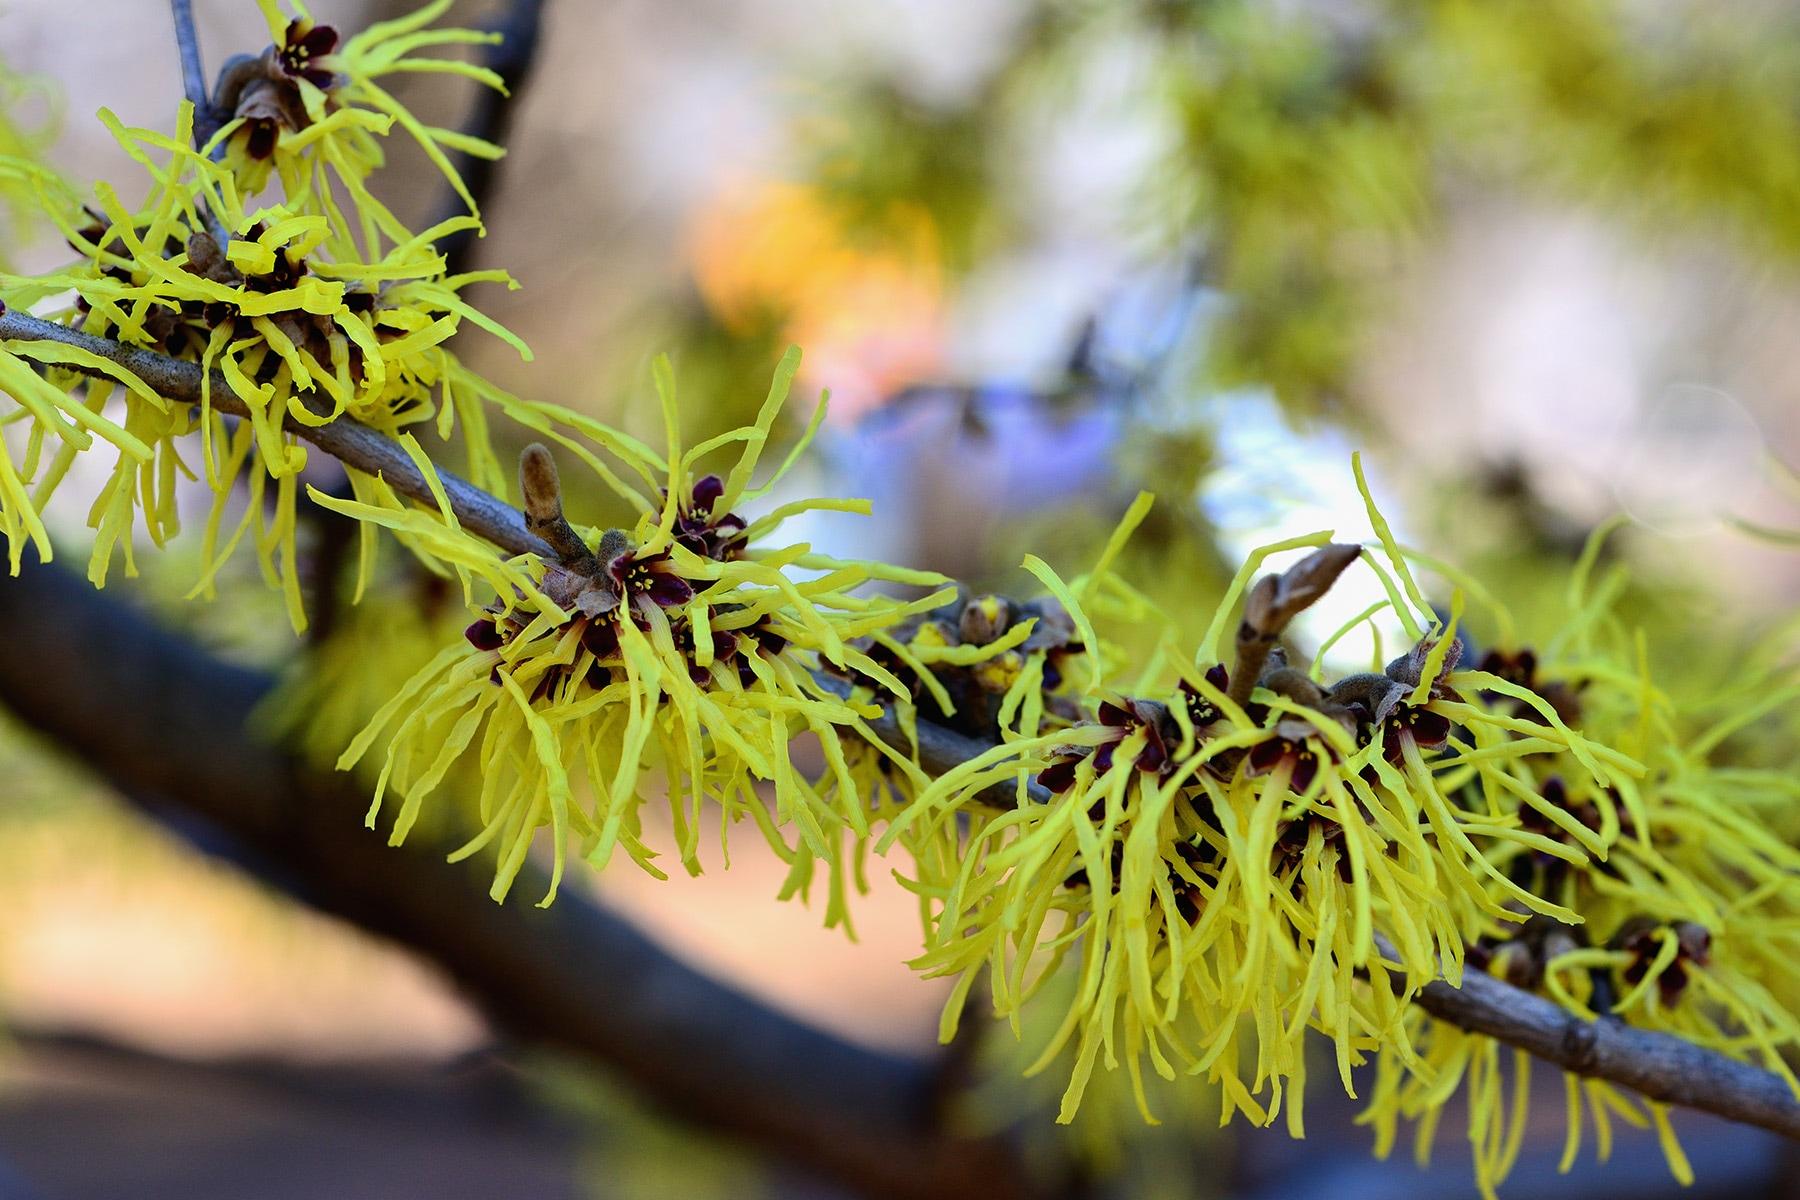 早春のマンサク 和光樹林公園